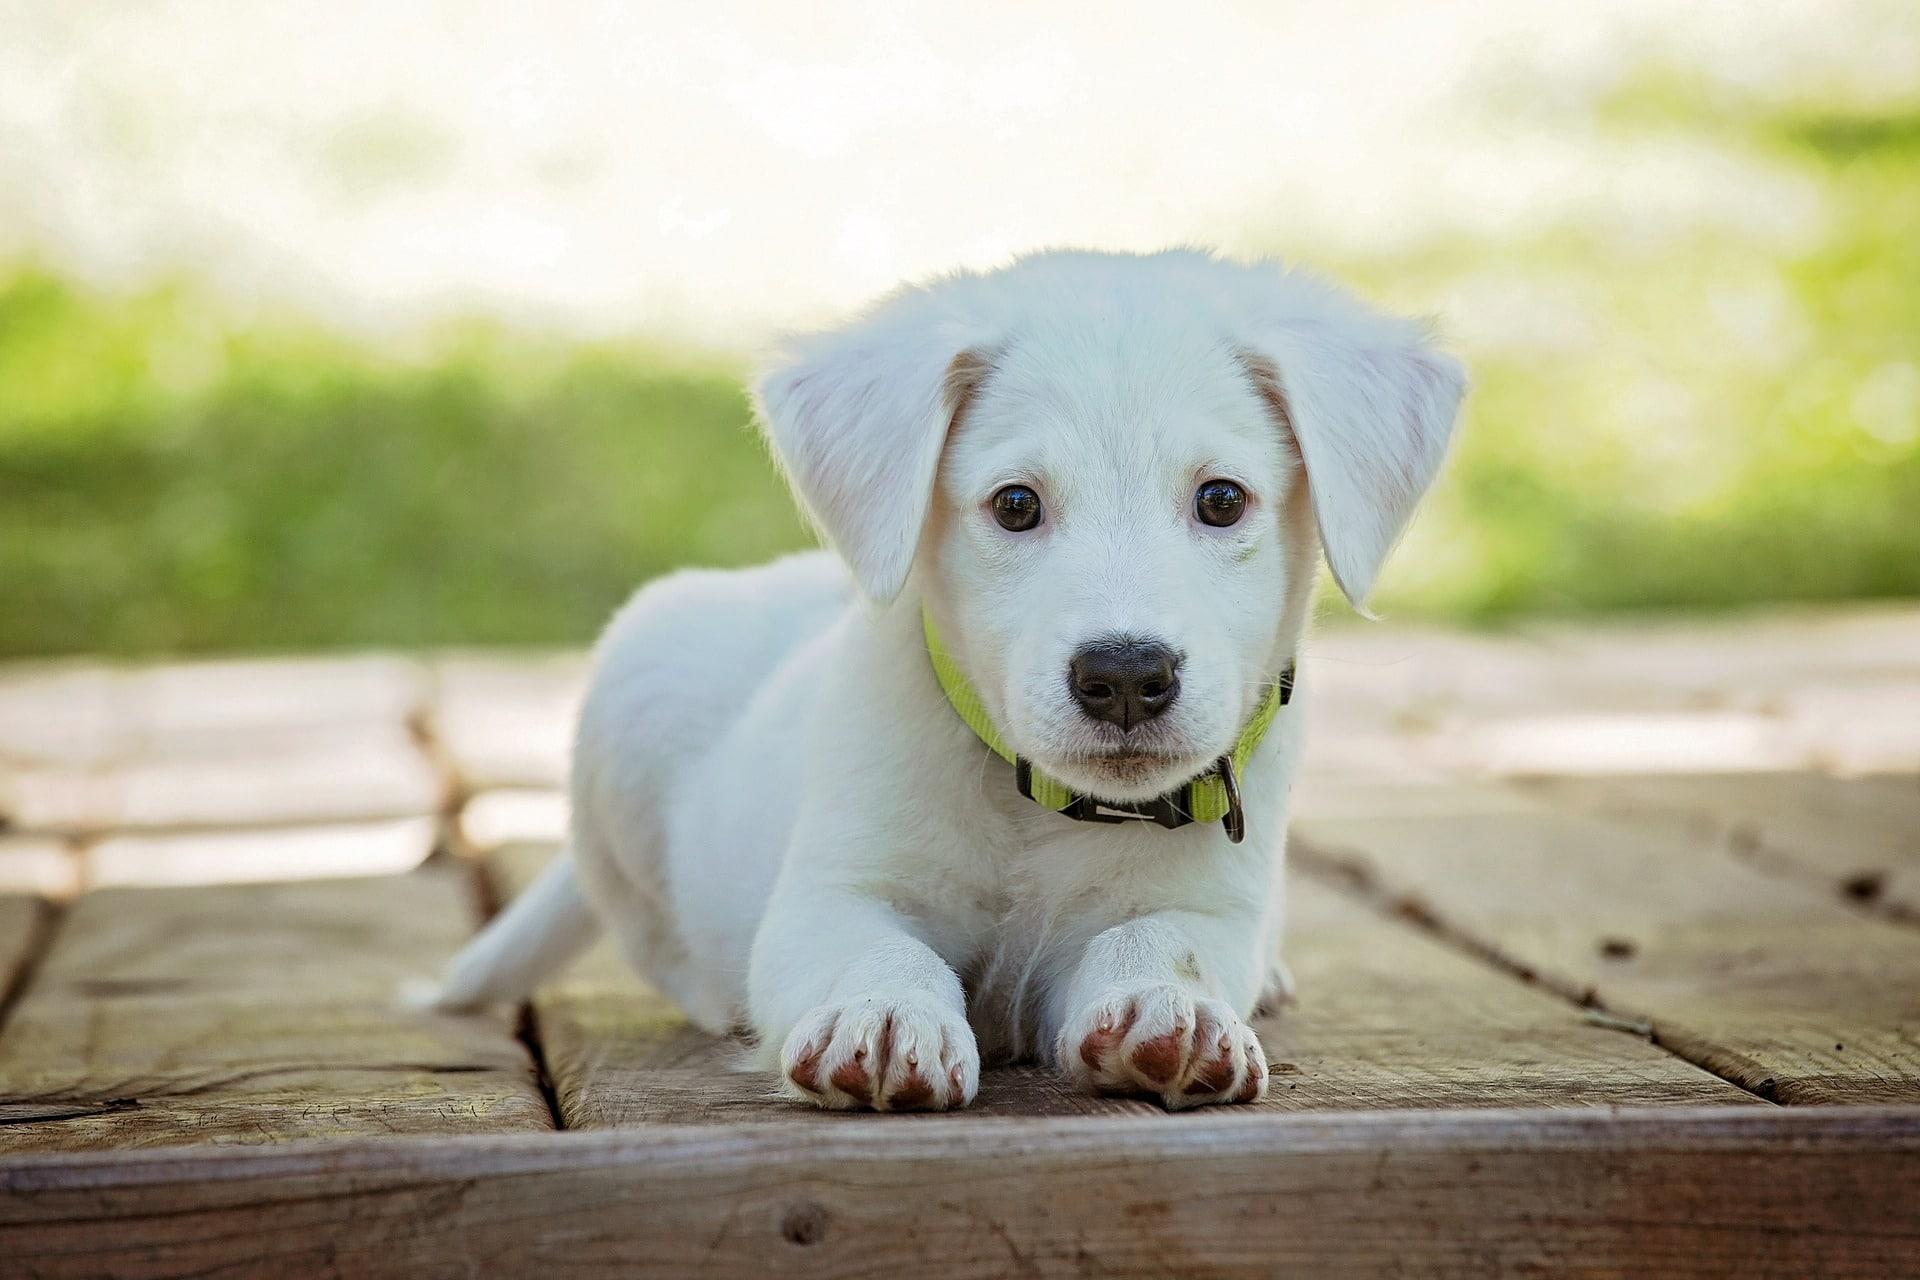 A quel âge pouvons-nous dresser un chien : pourquoi le dresser ?